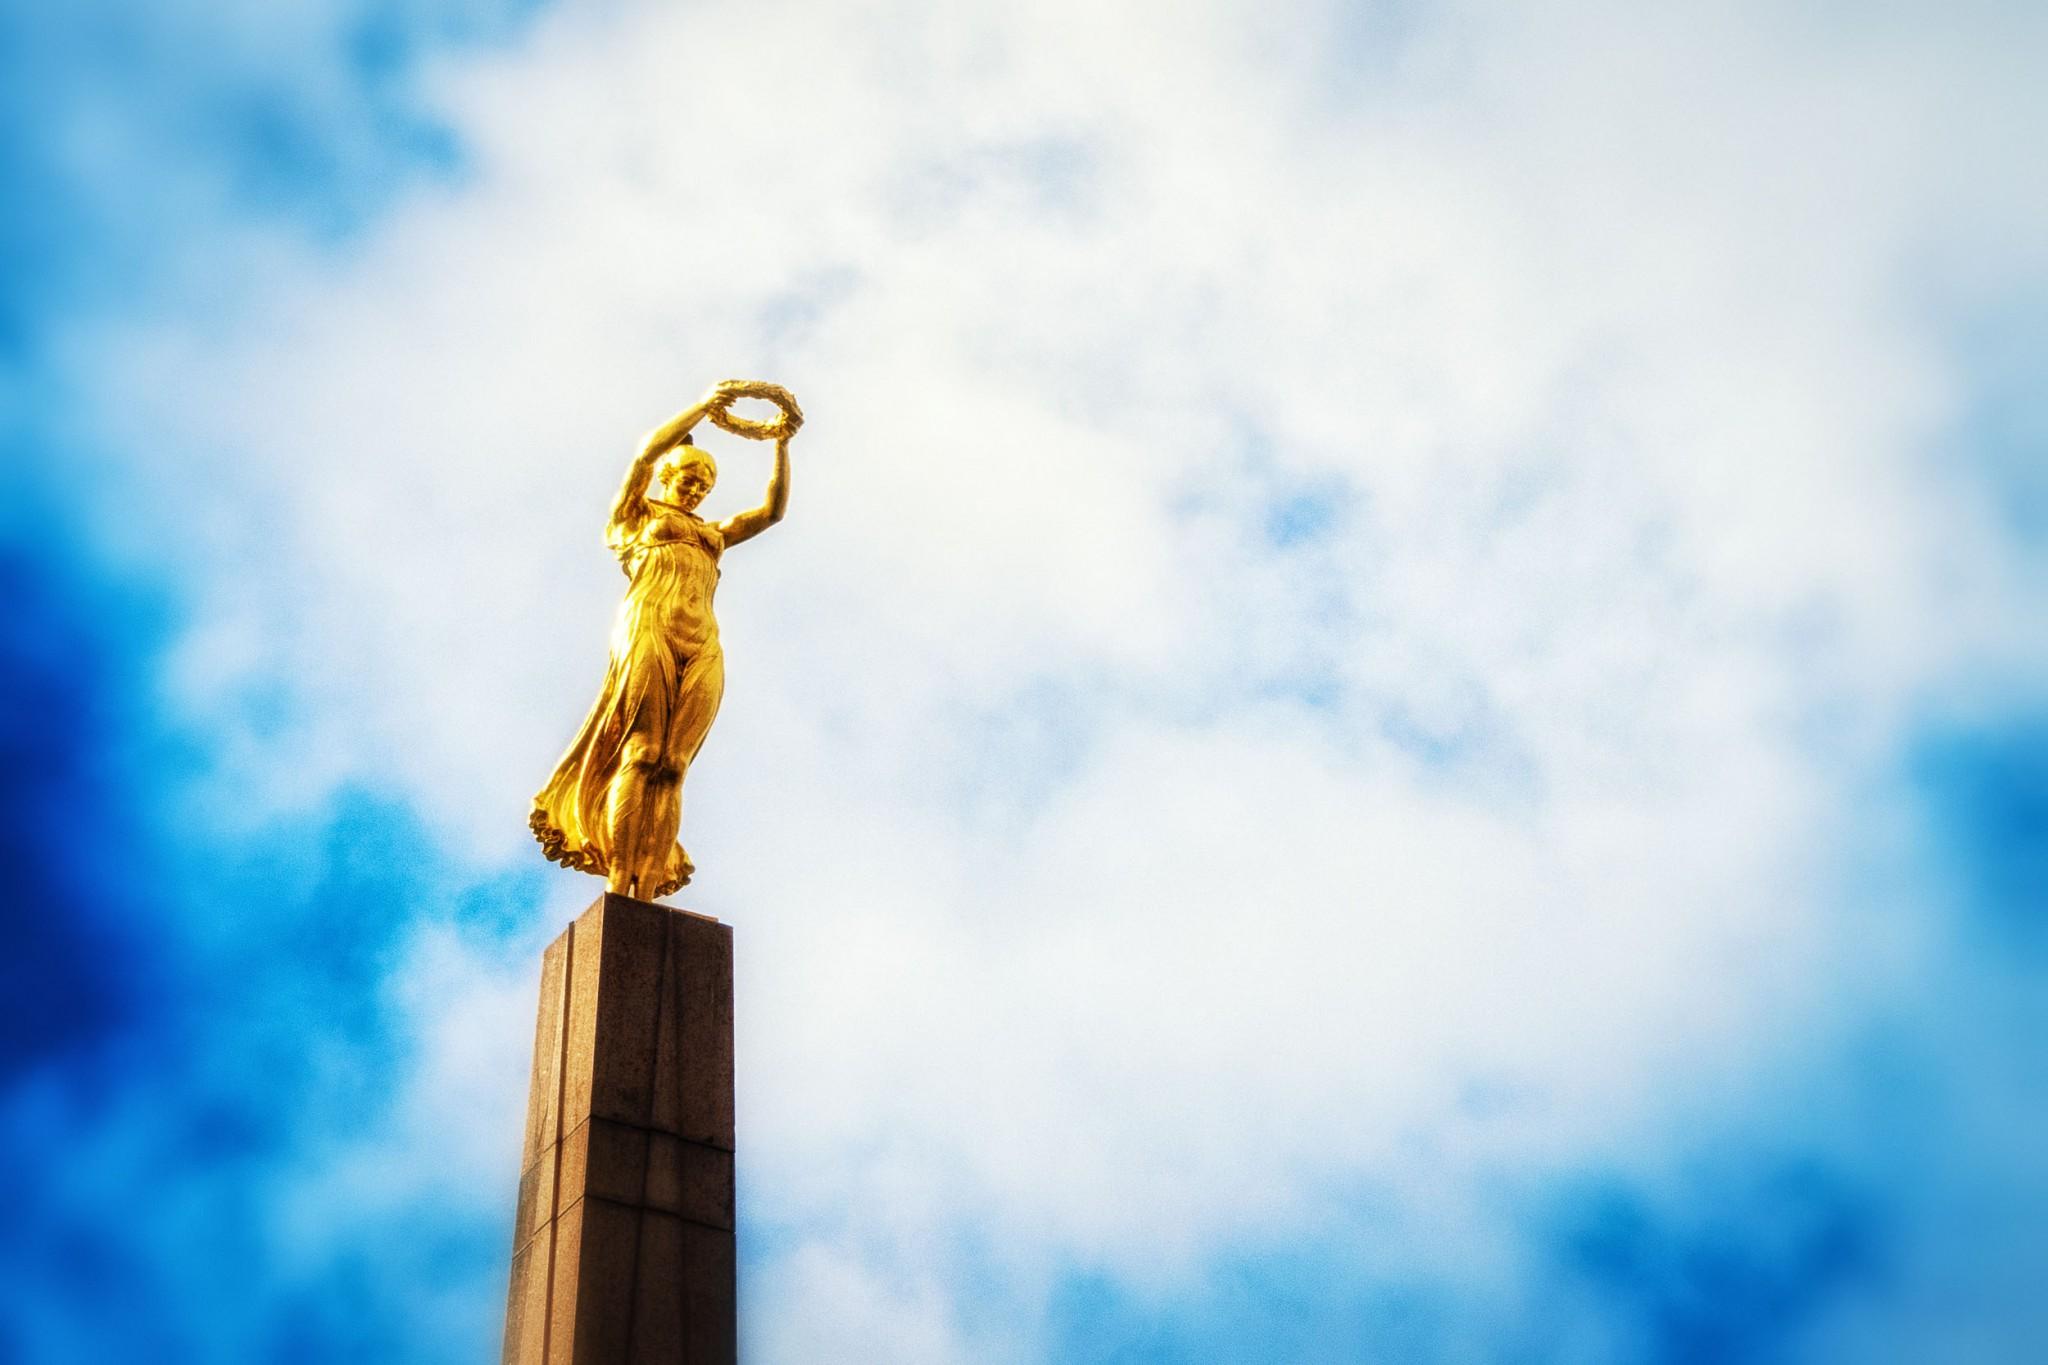 Die Goldene Frau von Luxemburg